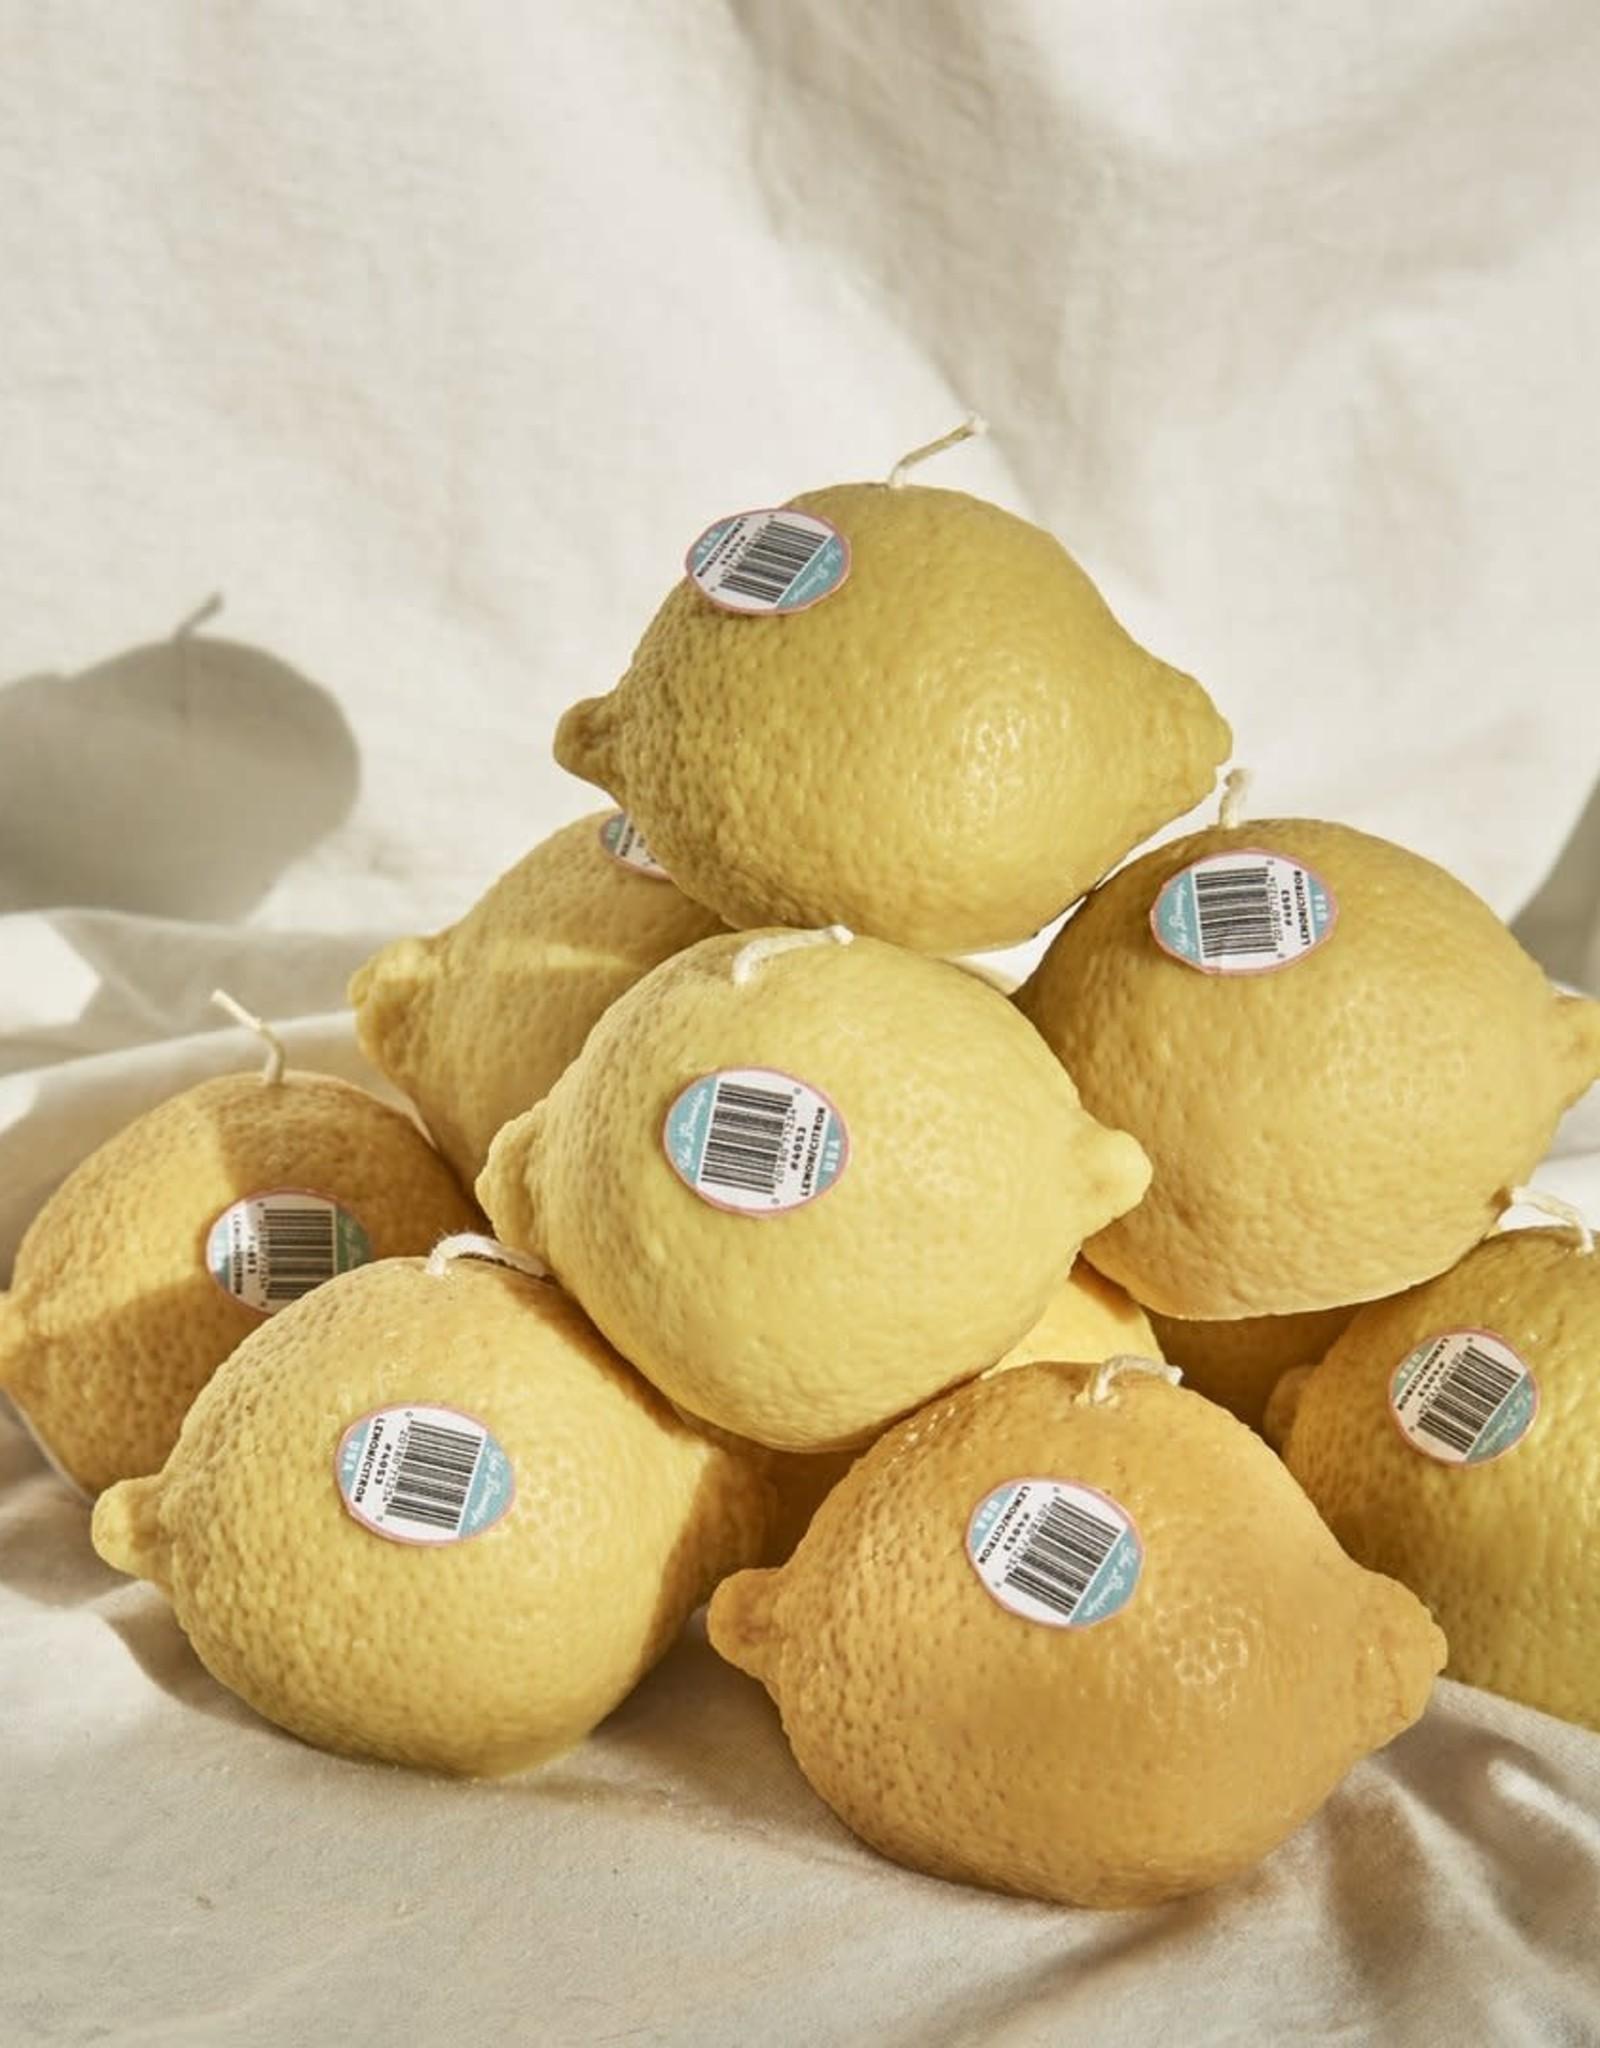 Yui Brooklyn Yui Brooklyn Lemon Candle